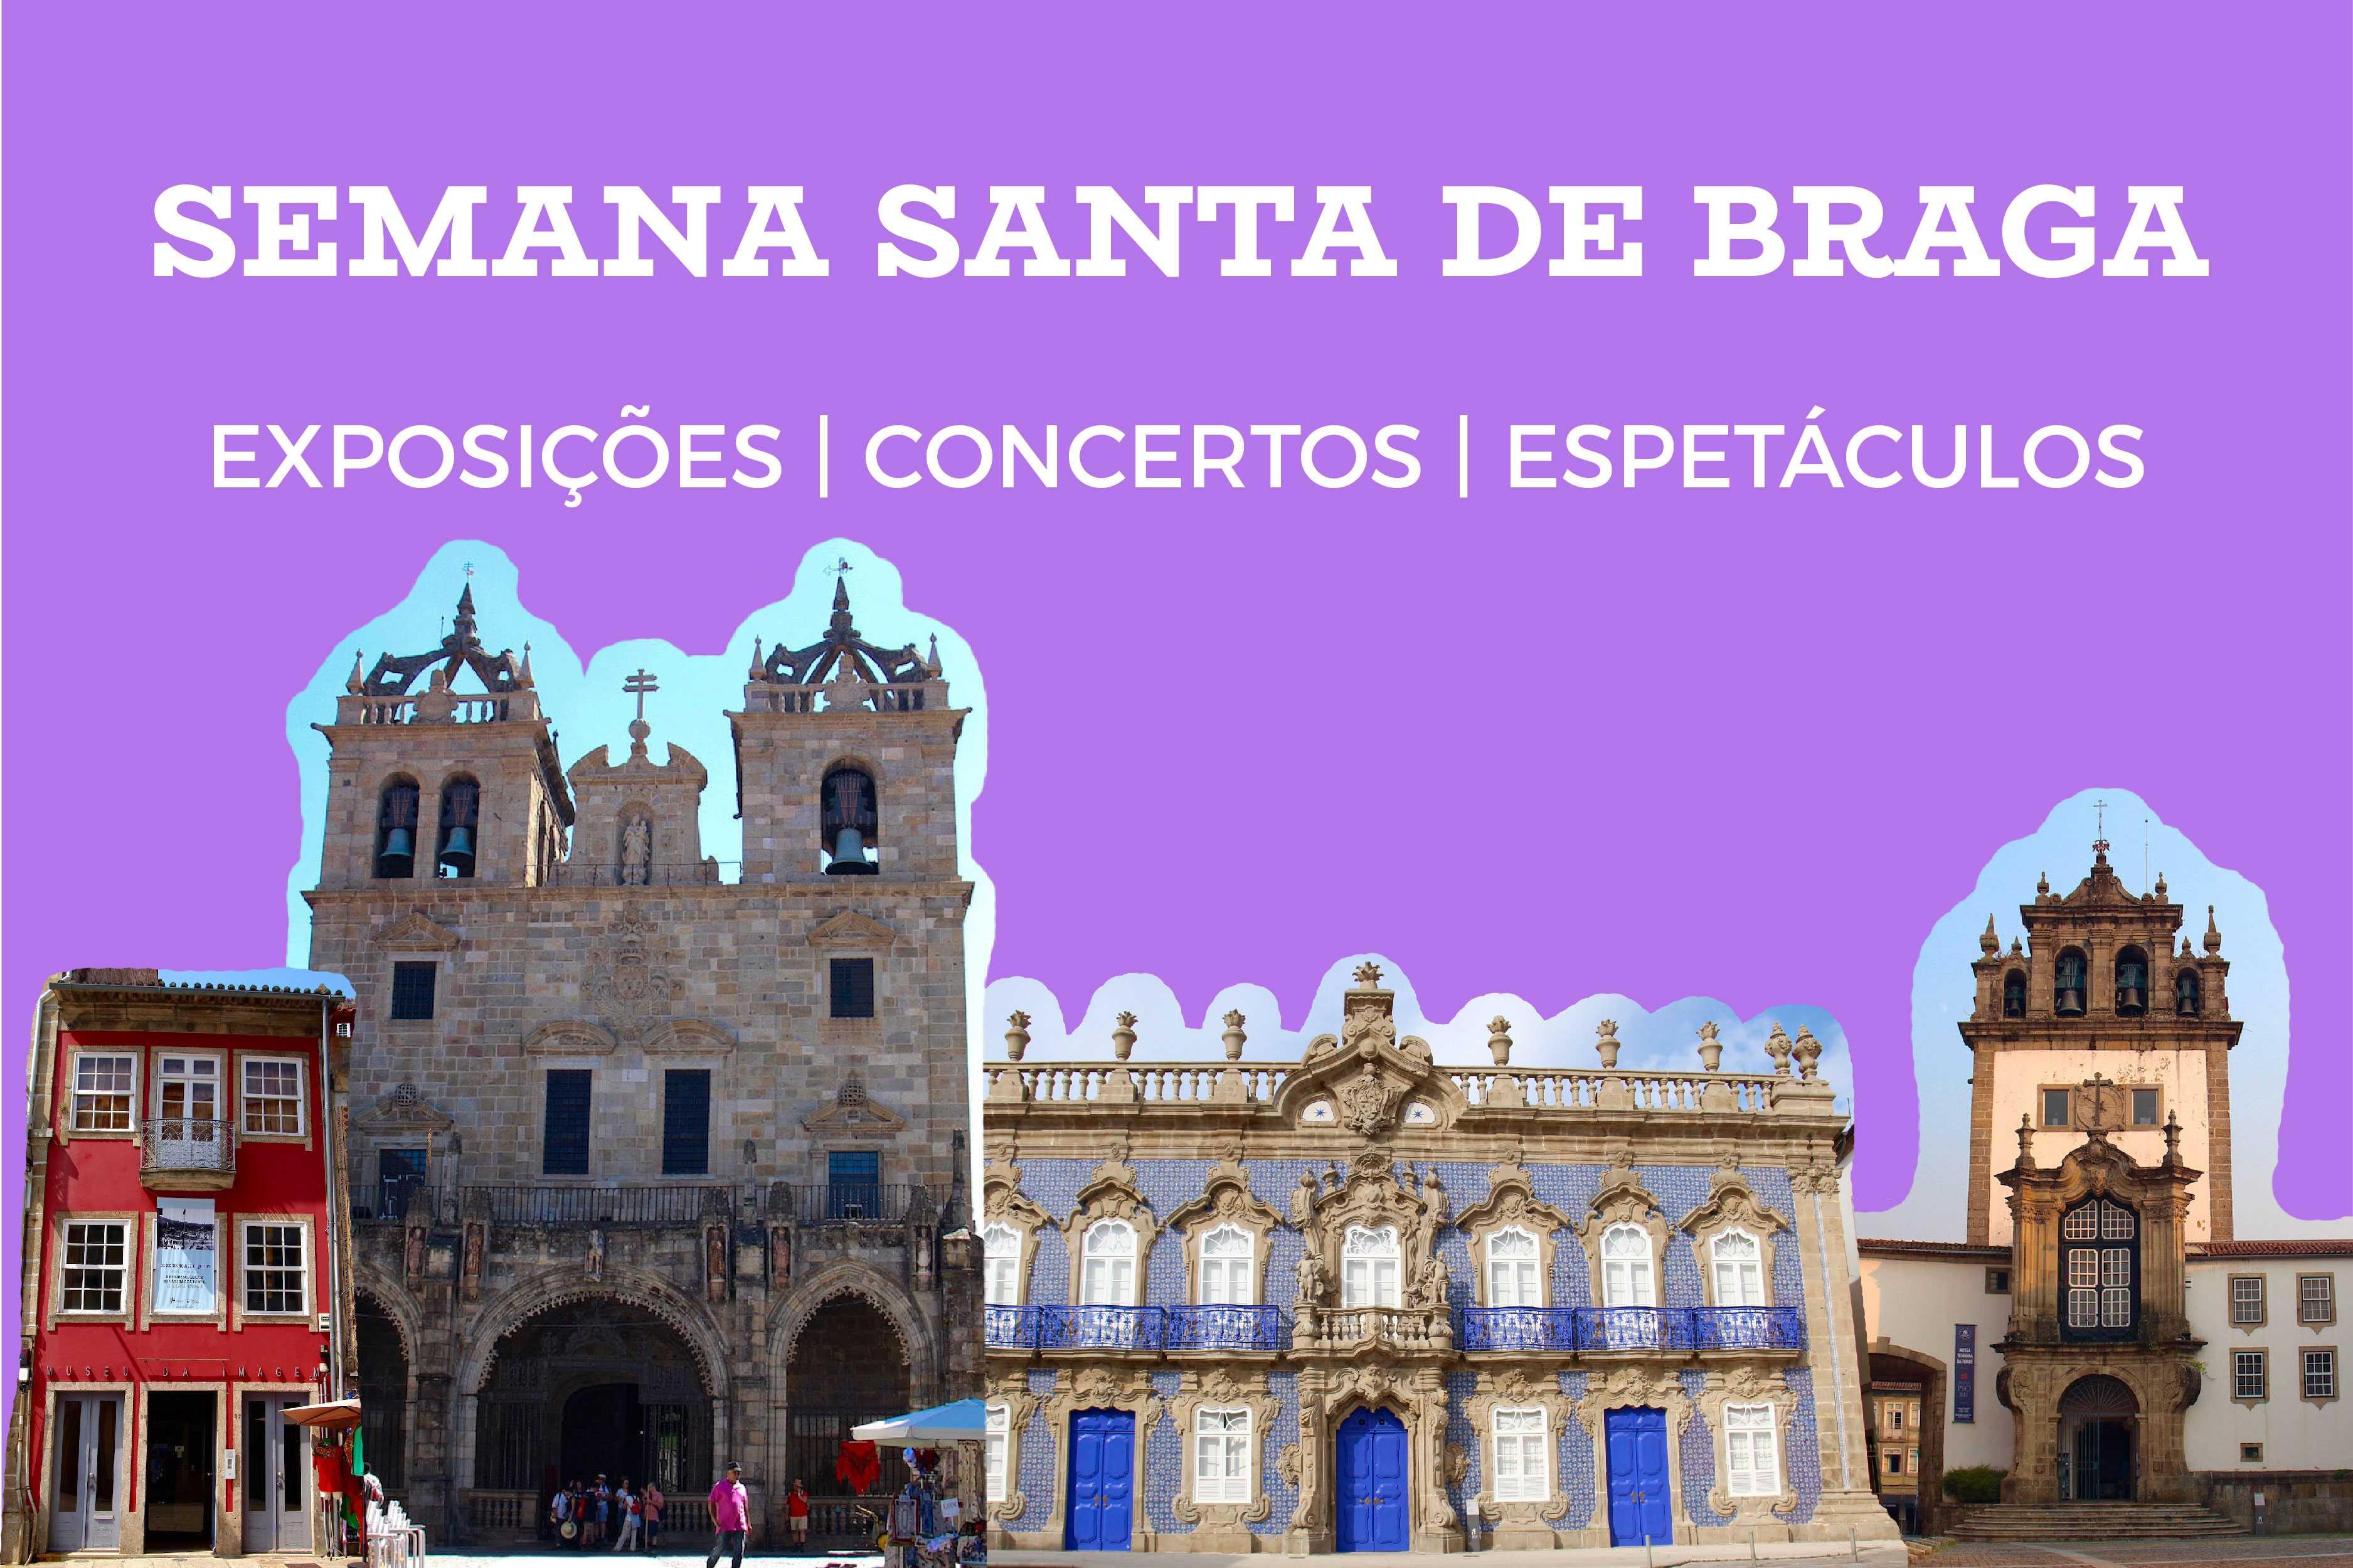 Semana-Santa-2017-Braga-Exposições-Concertos-Espetáculos